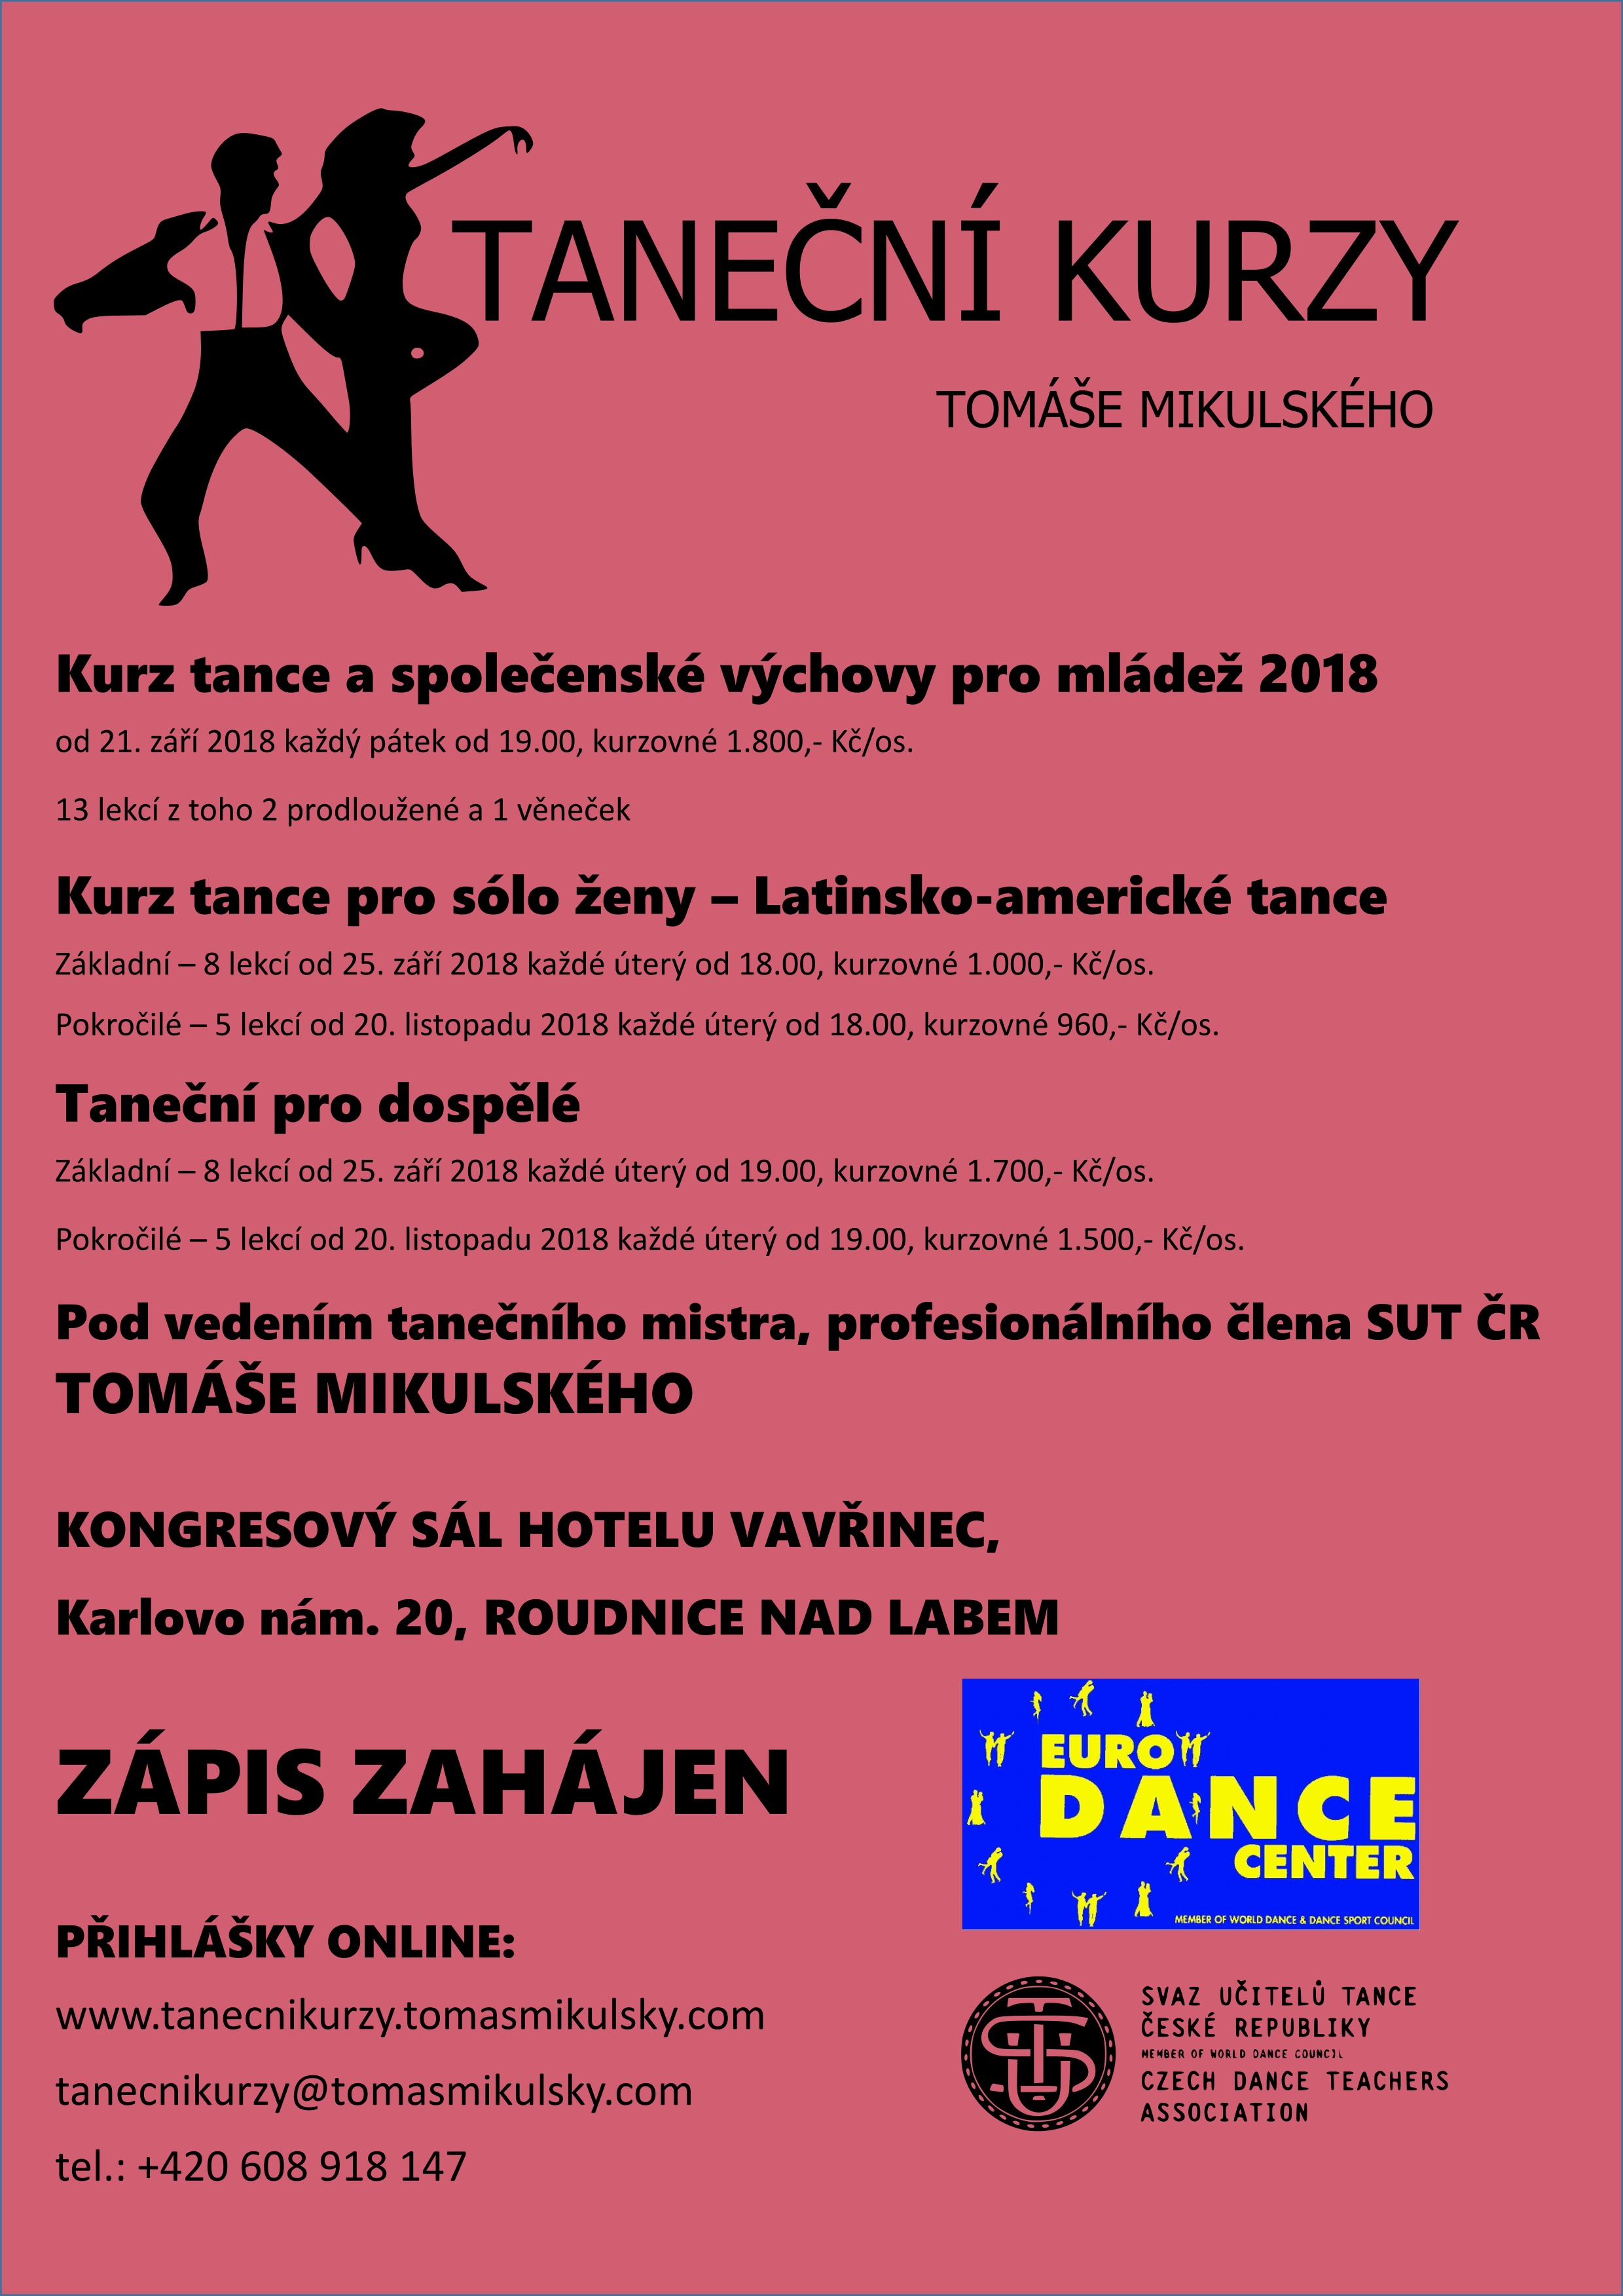 Kurz tance a společenské výchovy pro mládež 2018